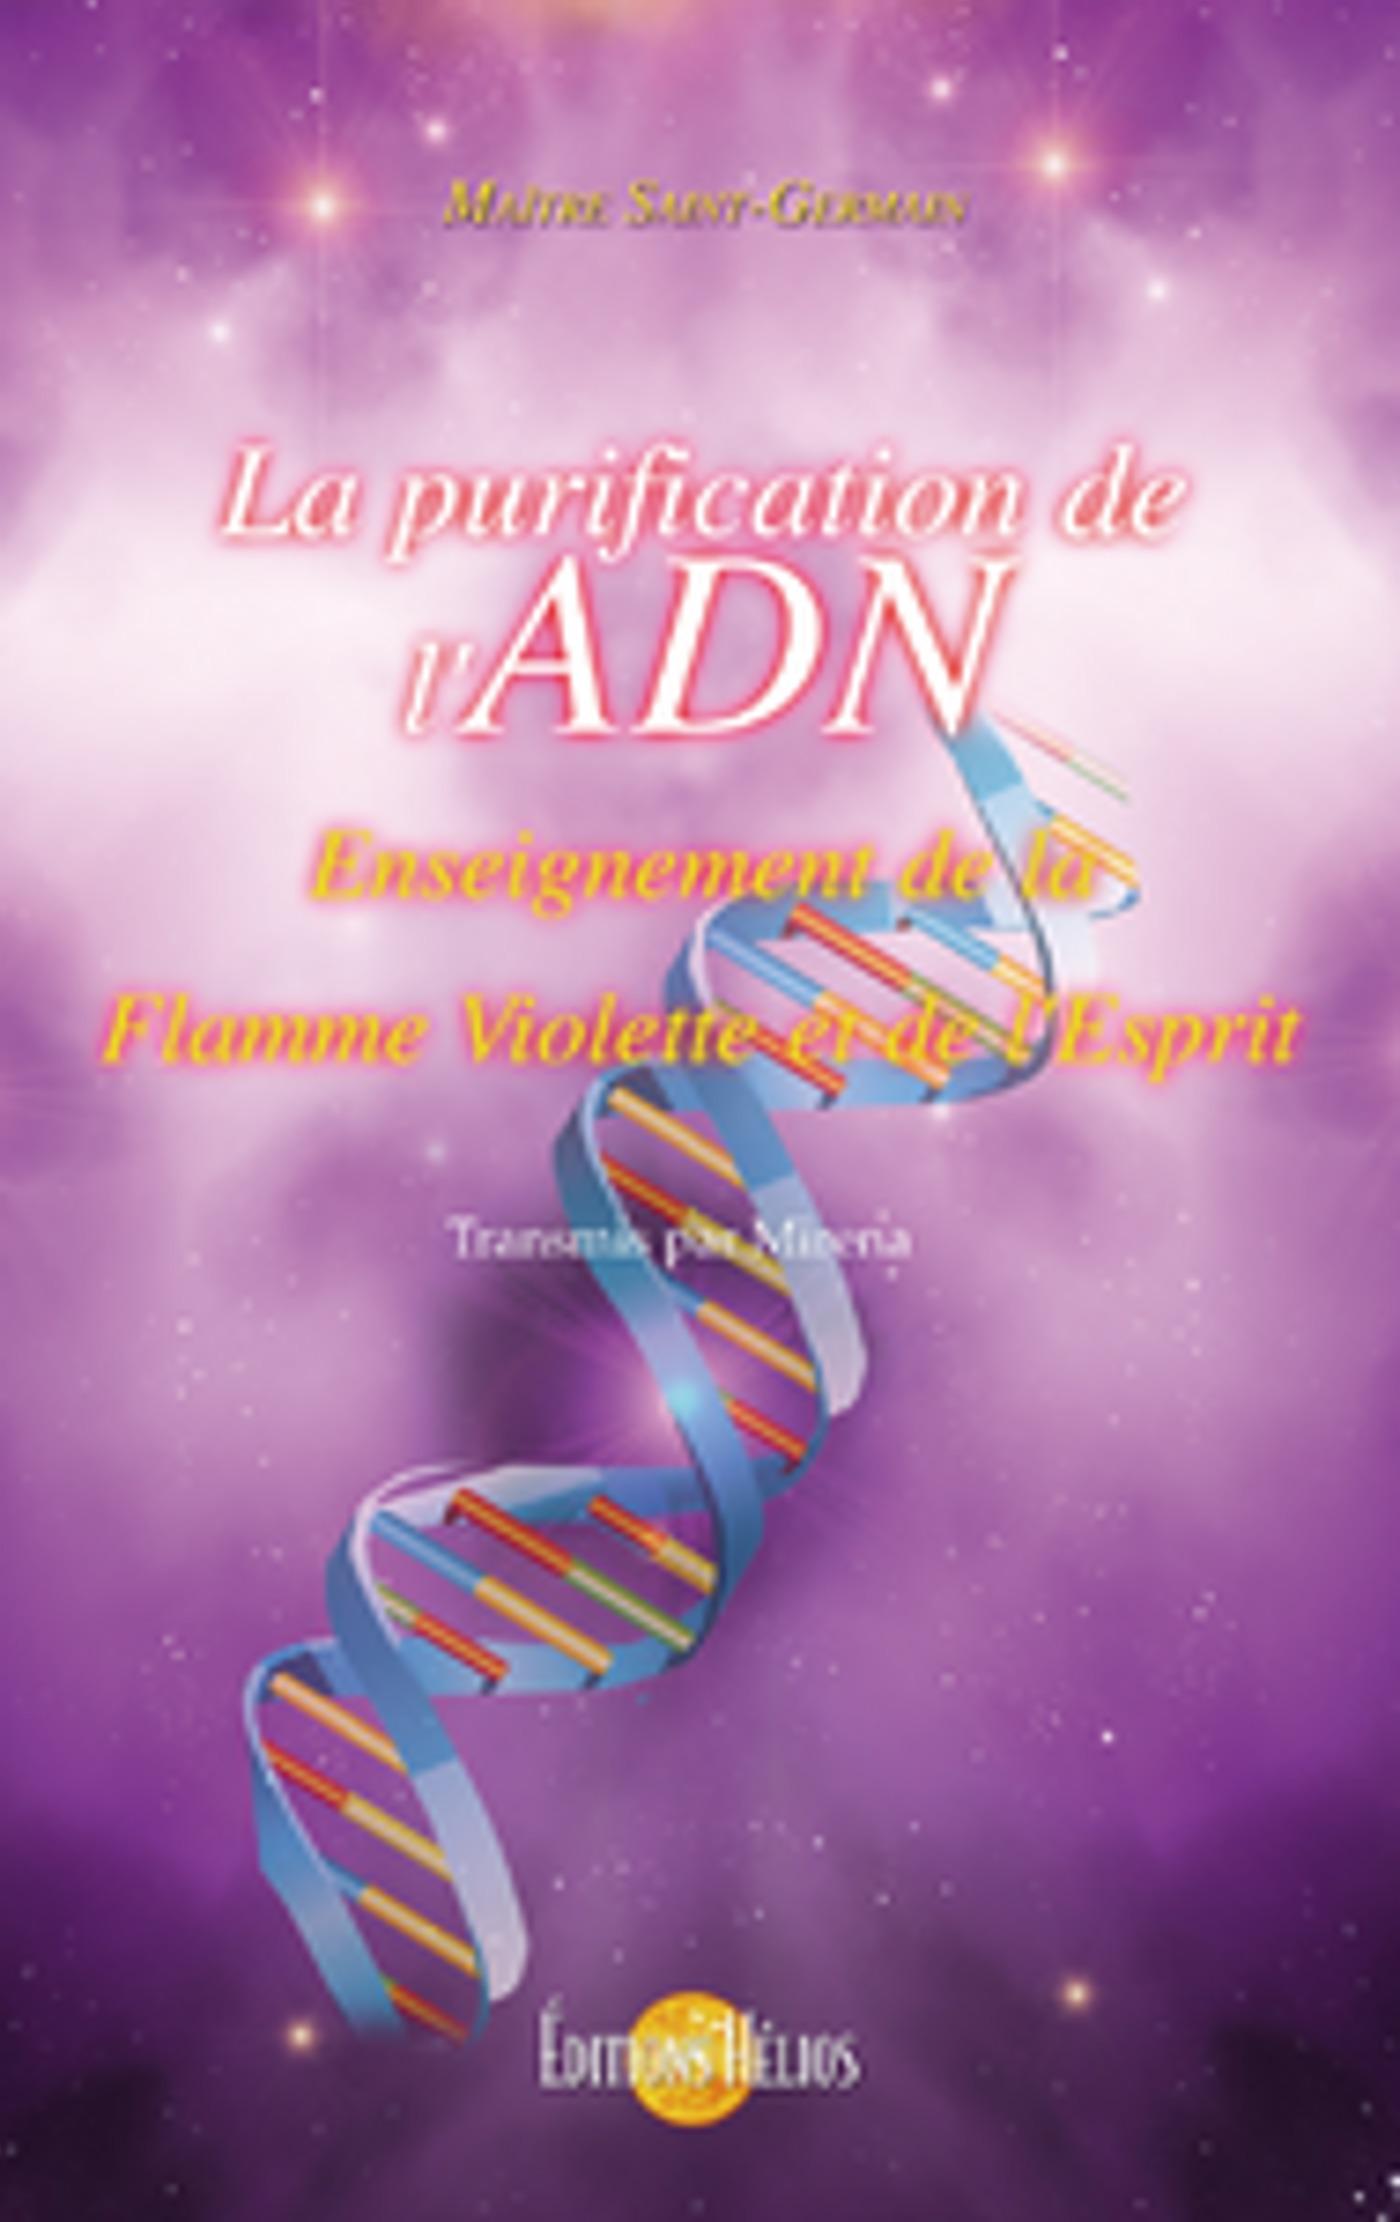 La purification de l'ADN ; enseignement de la flamme violette et de l'esprit